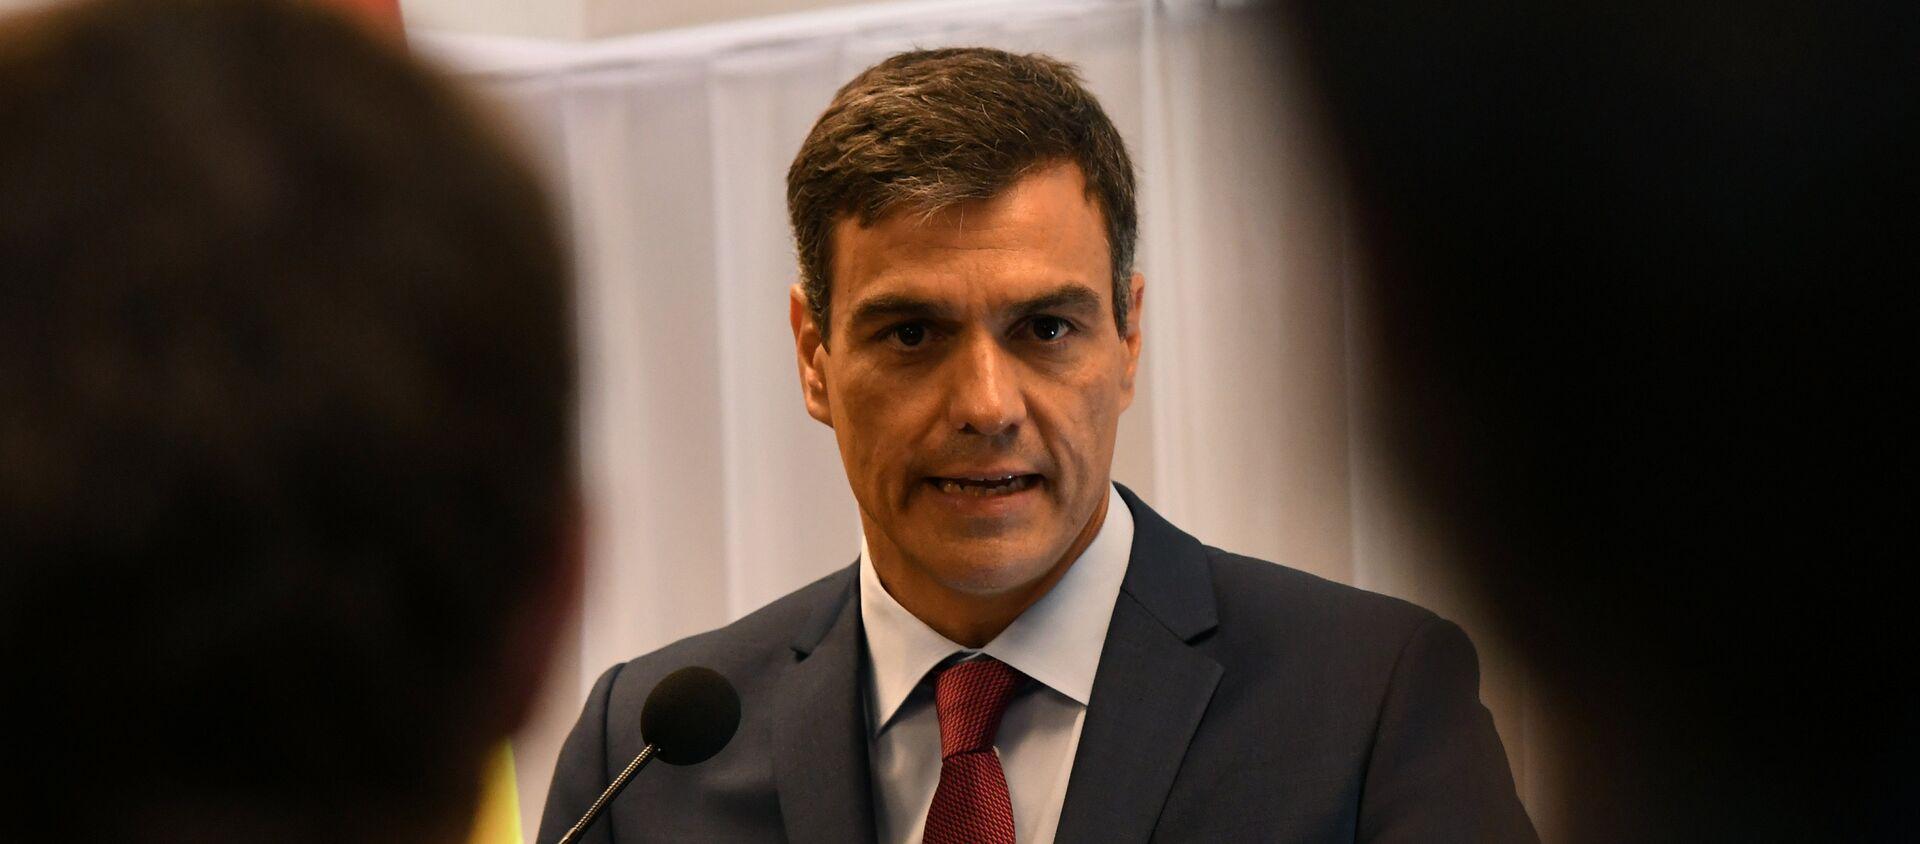 Pedro Sánchez, el presidente del Gobierno de España - Sputnik Mundo, 1920, 16.09.2018